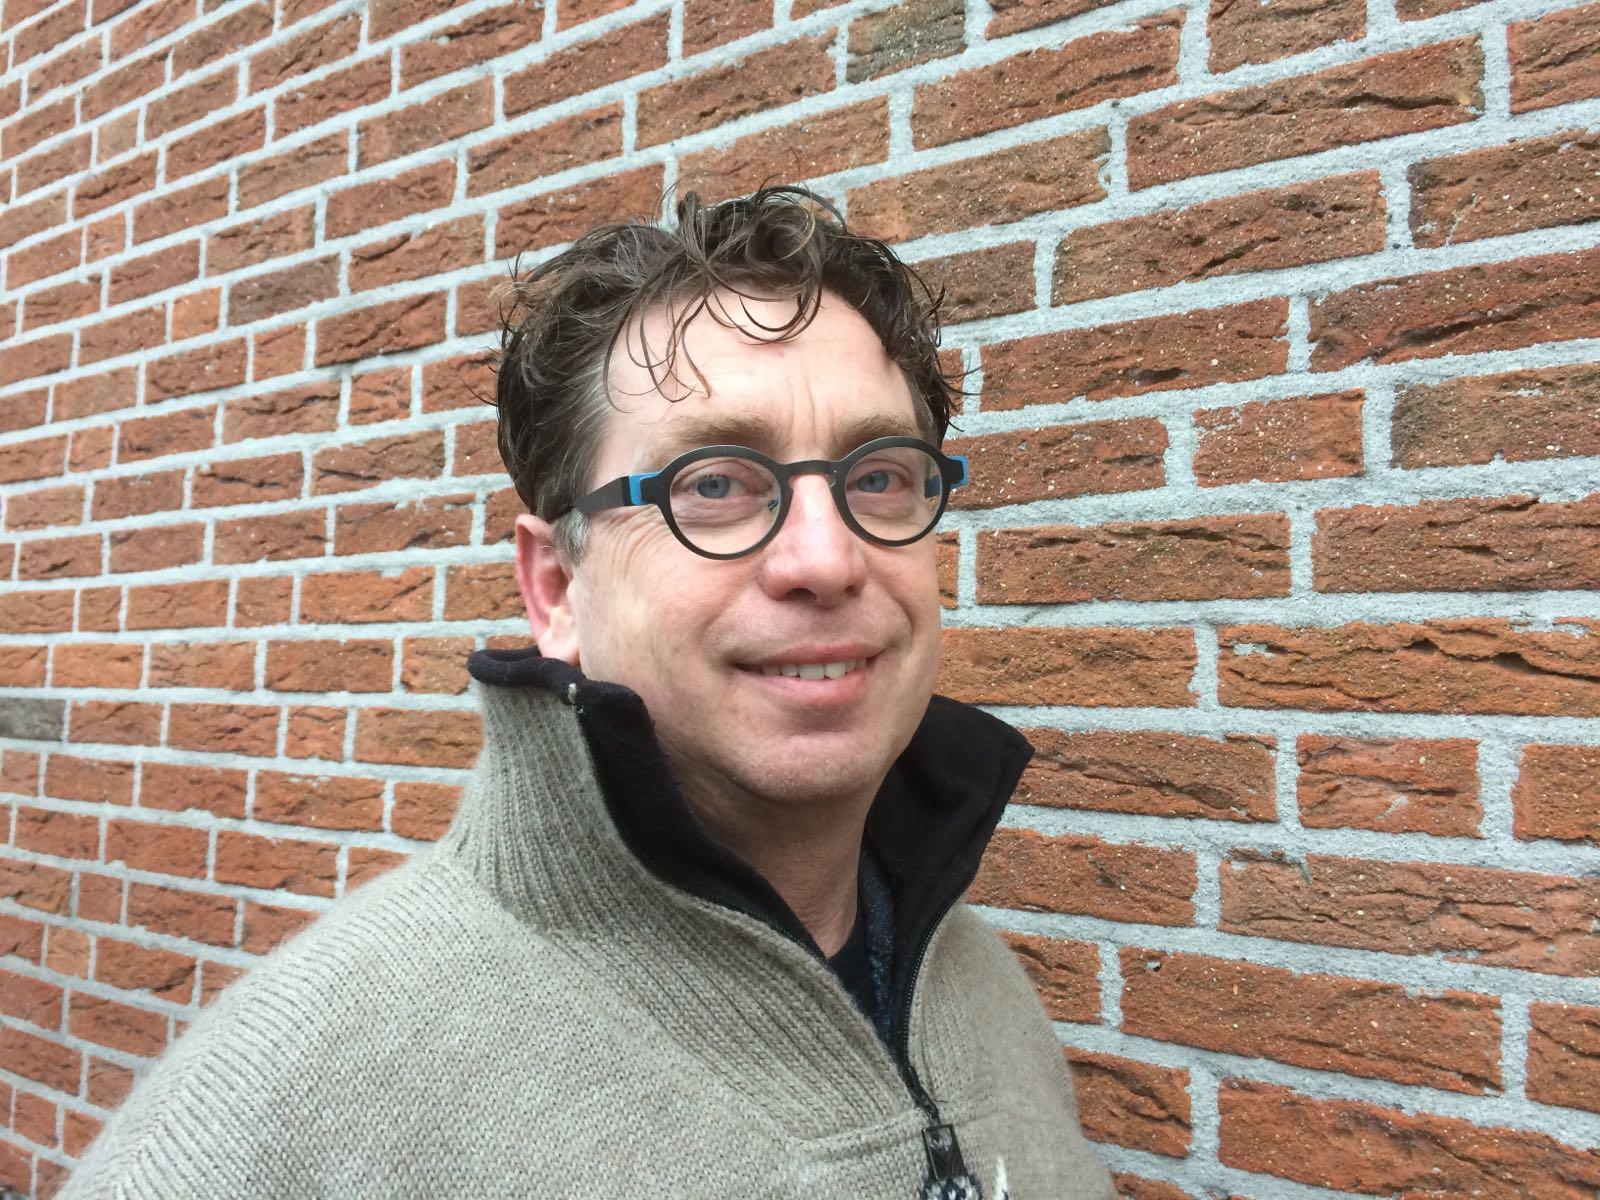 Marcel Trieling